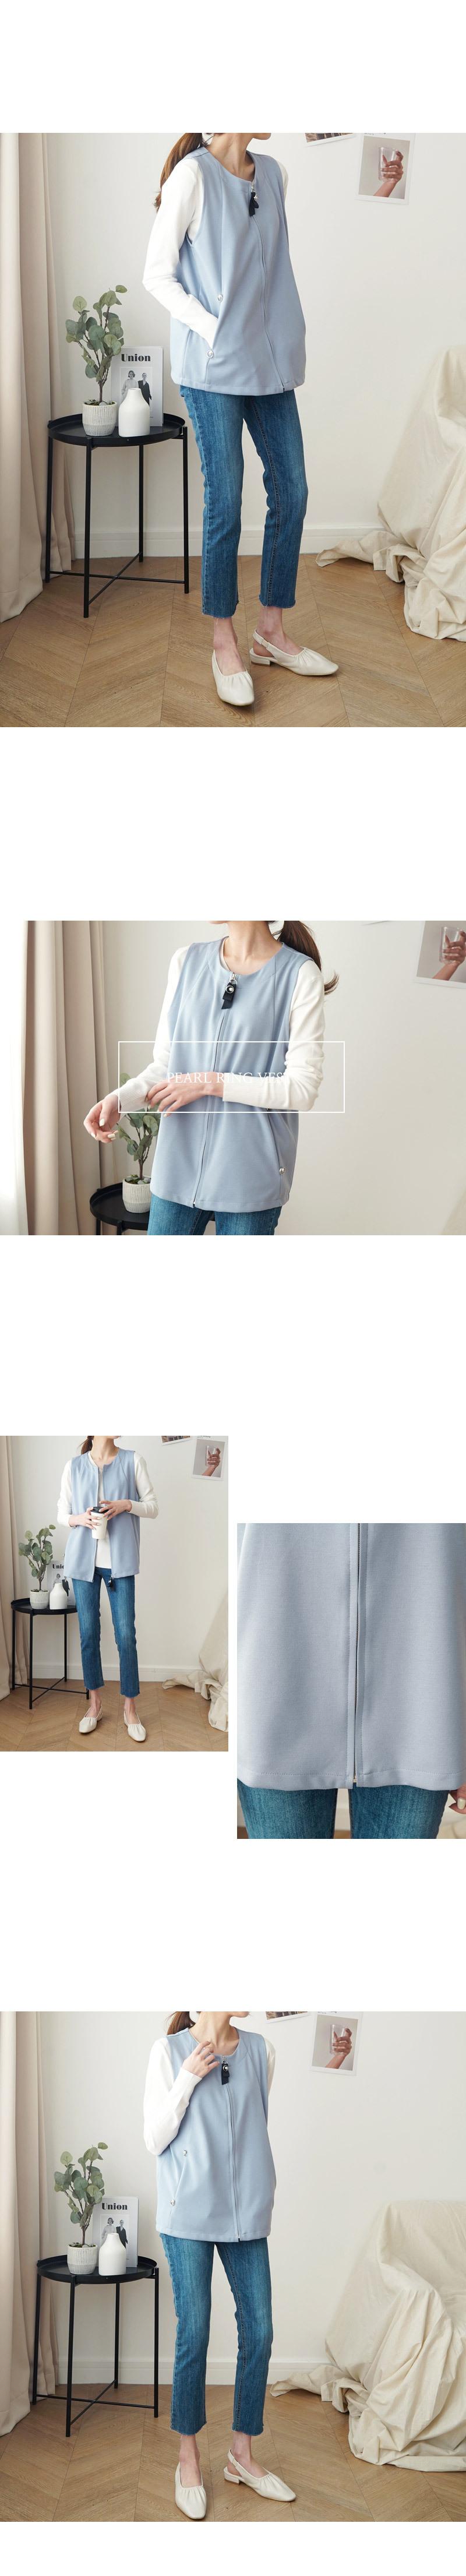 겟잇미 봄 진주 라운드 베스트 조끼 - 겟잇미, 40,840원, 아우터, 자켓